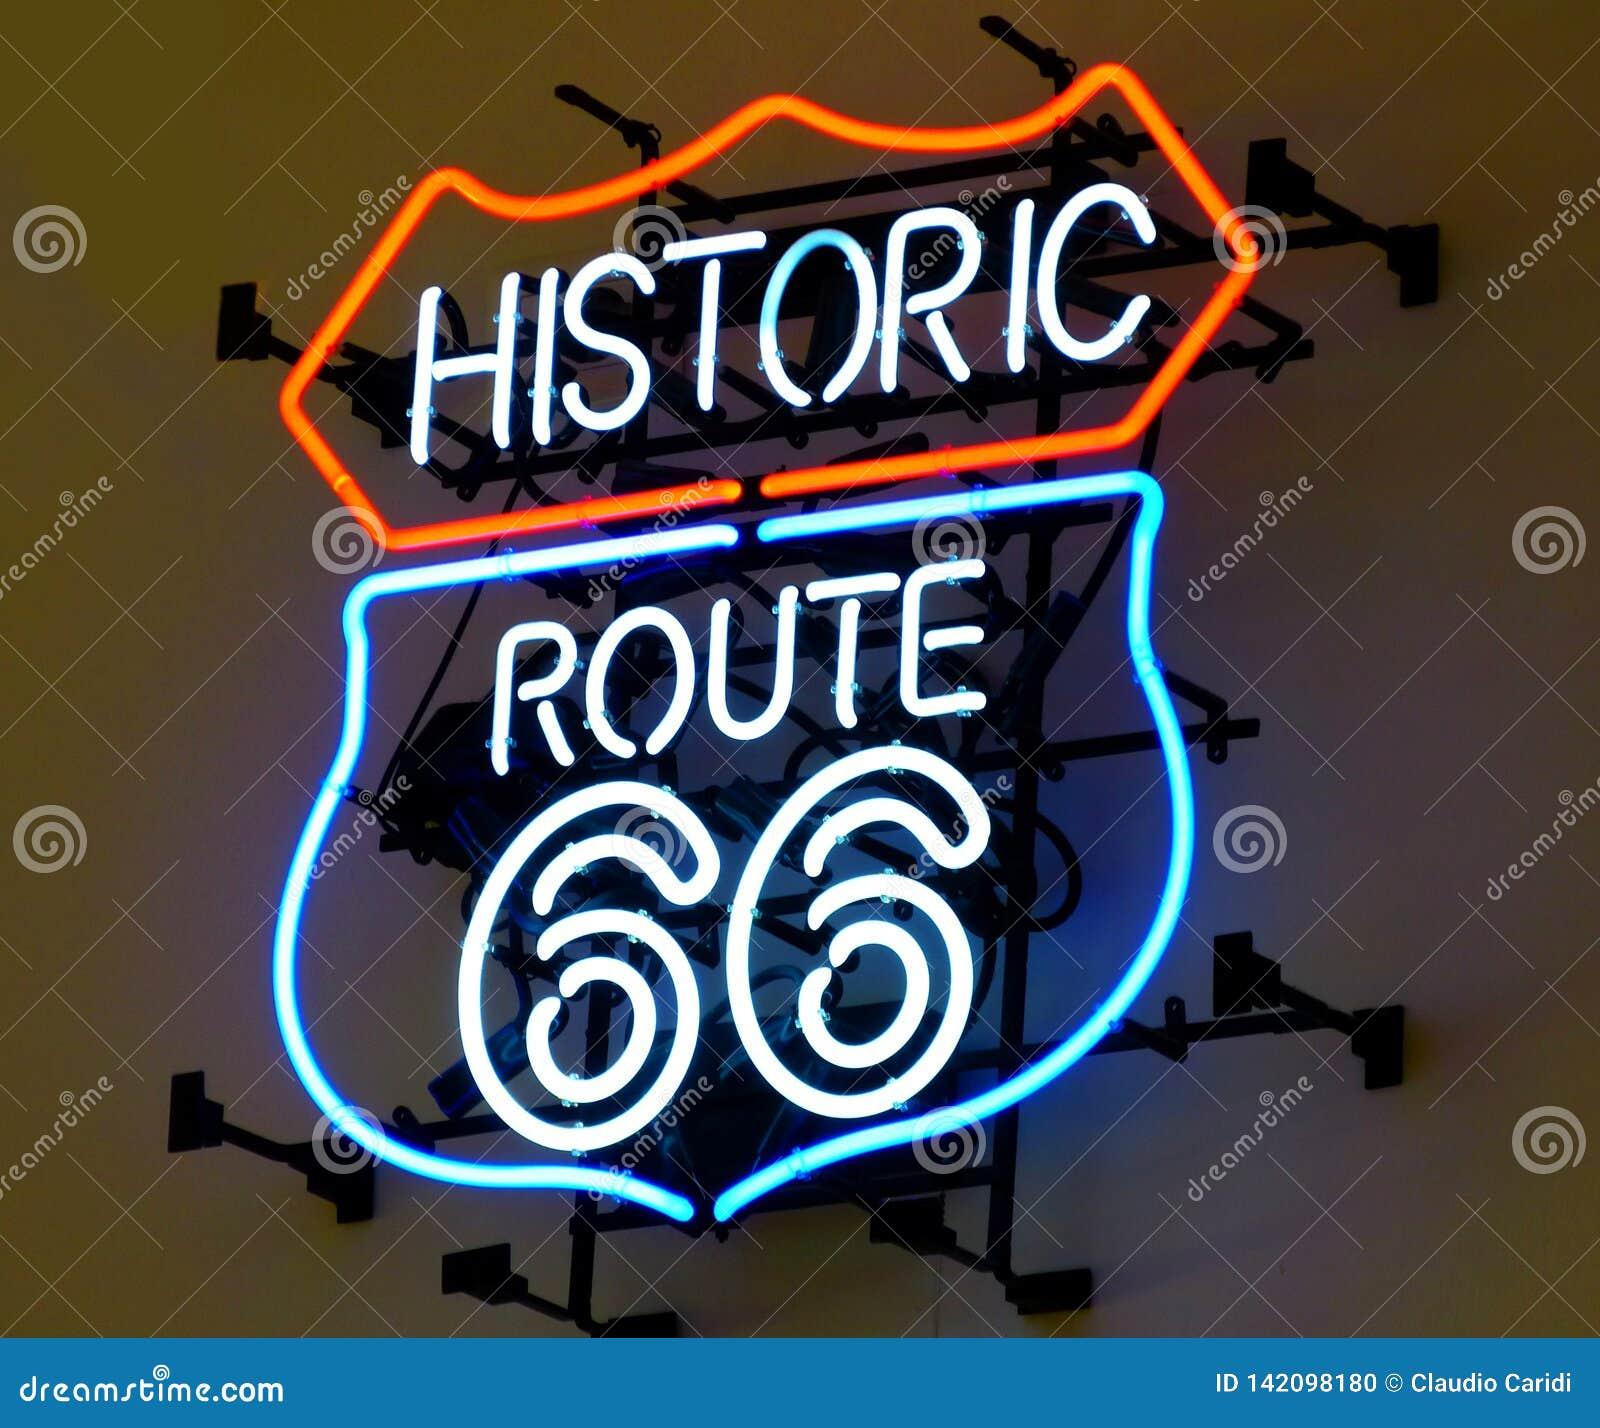 Route 66 storico, insegna al neon alla luce rossa e blu